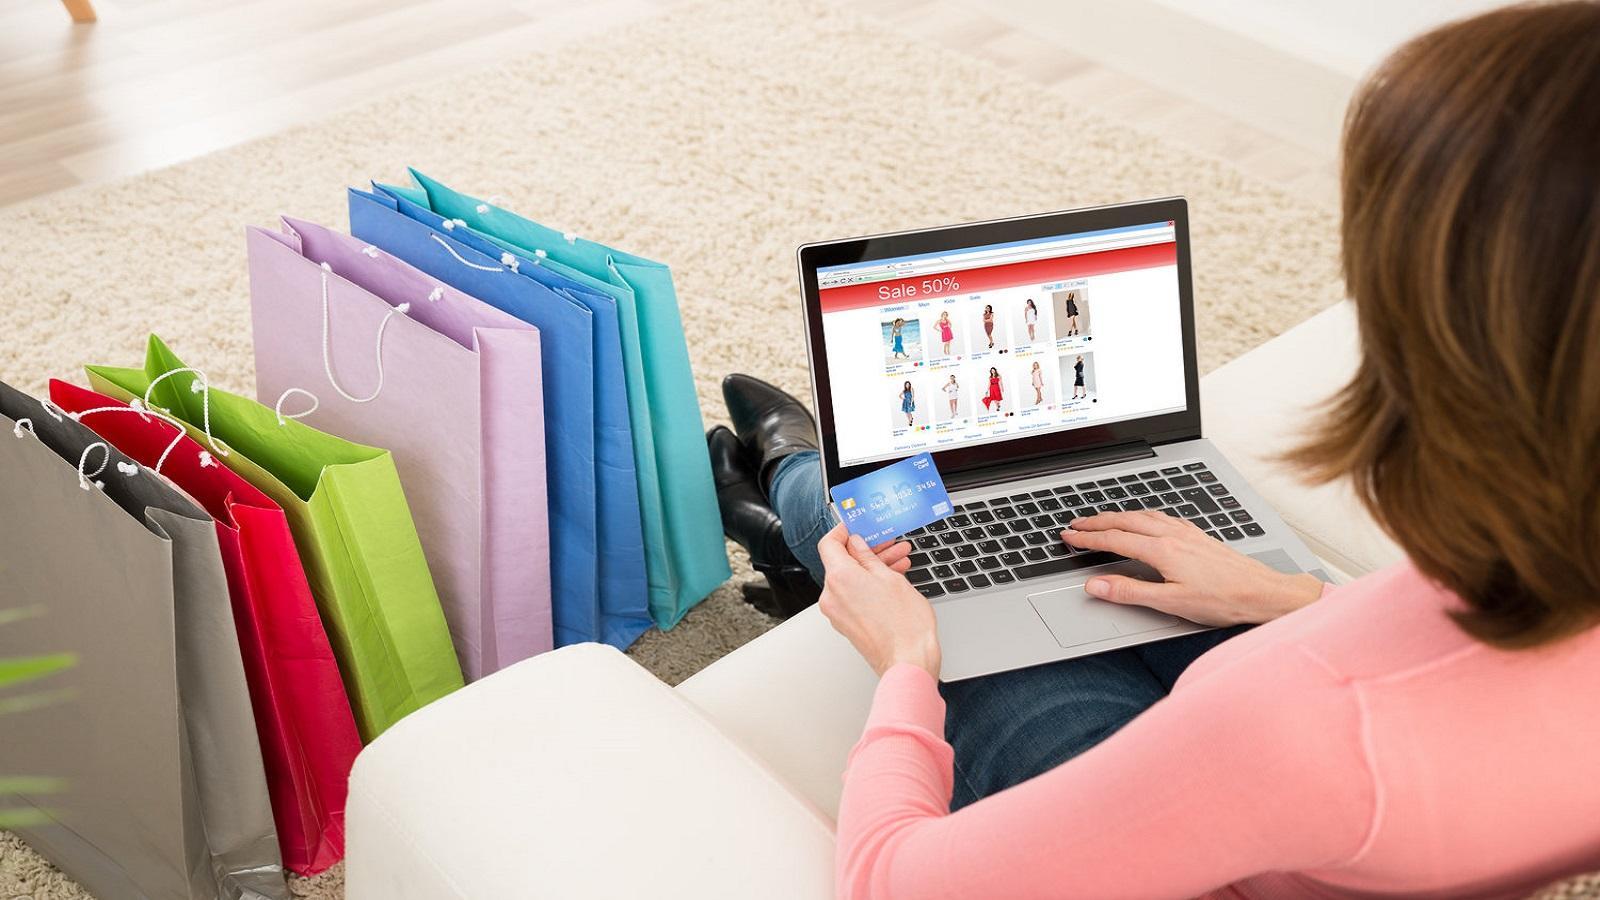 mua sắm vật dụng gia đình online.